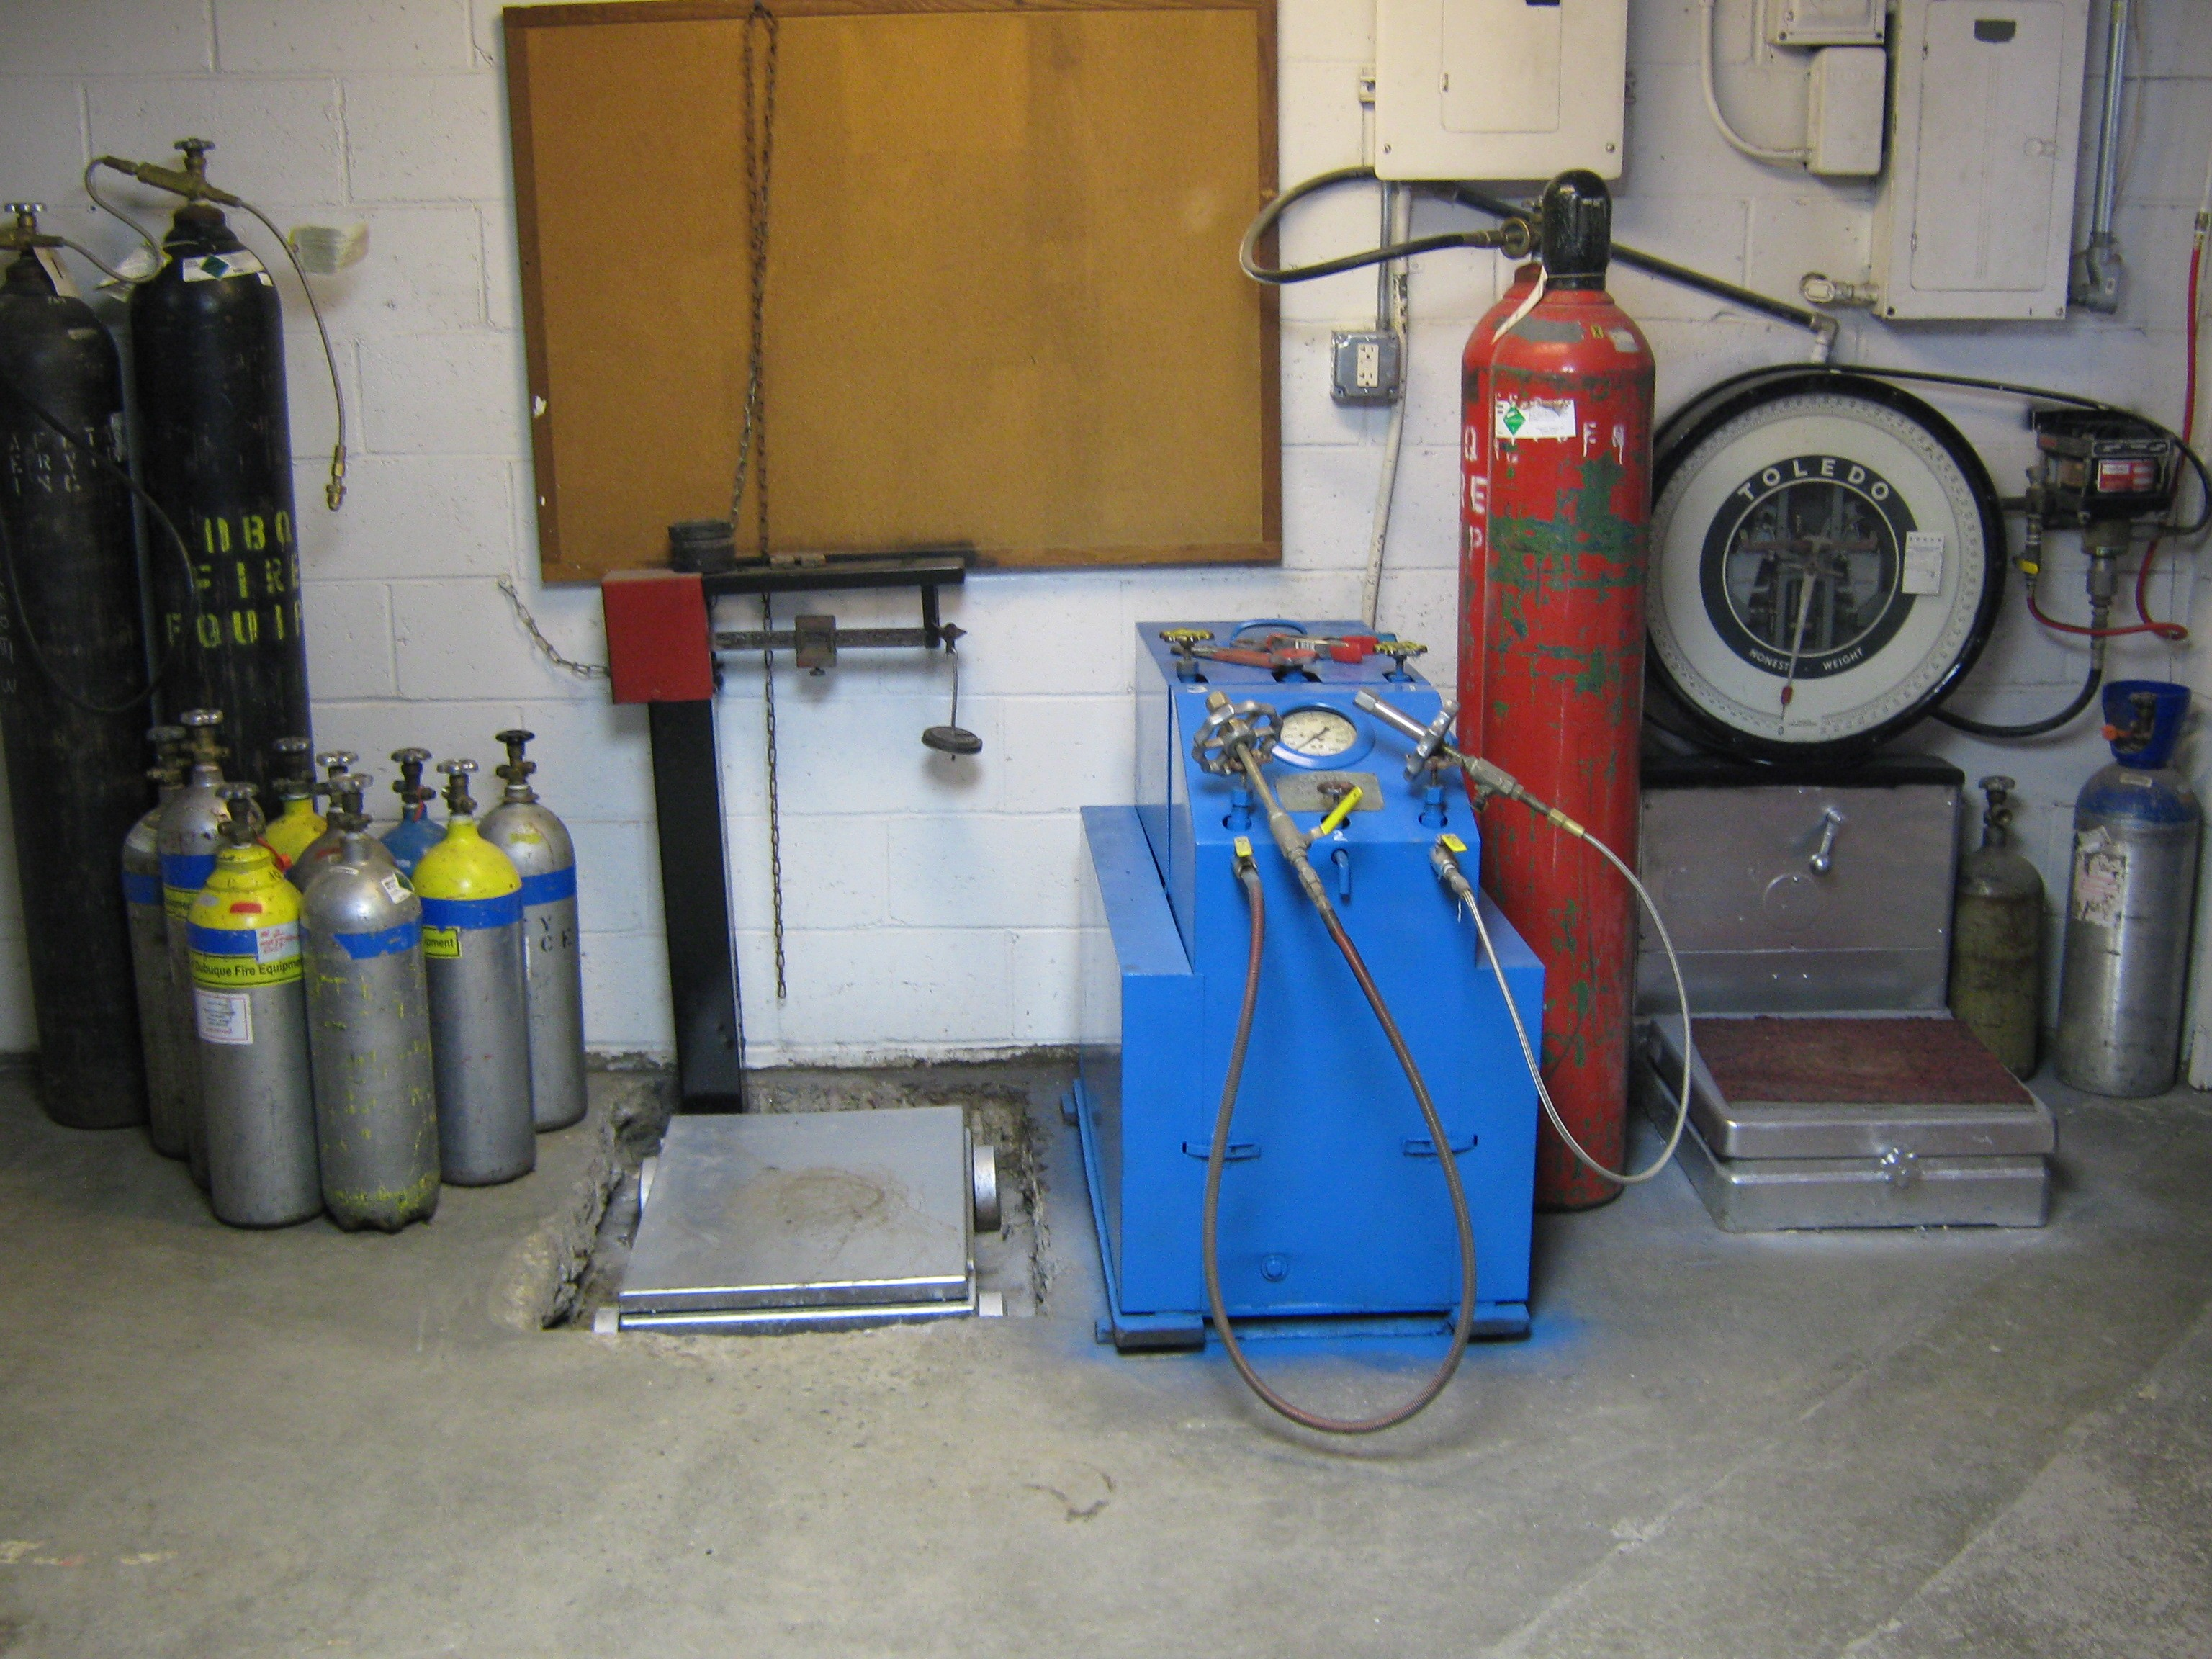 Nạp sạc bảo trì bình chữa cháy khí CO2 MT kiêm thay thế phụ kiện cứu hỏa kèm theo uy tín giá rẻ tại TPHCM, Bình Dương - Bảng báo giá 2015 2